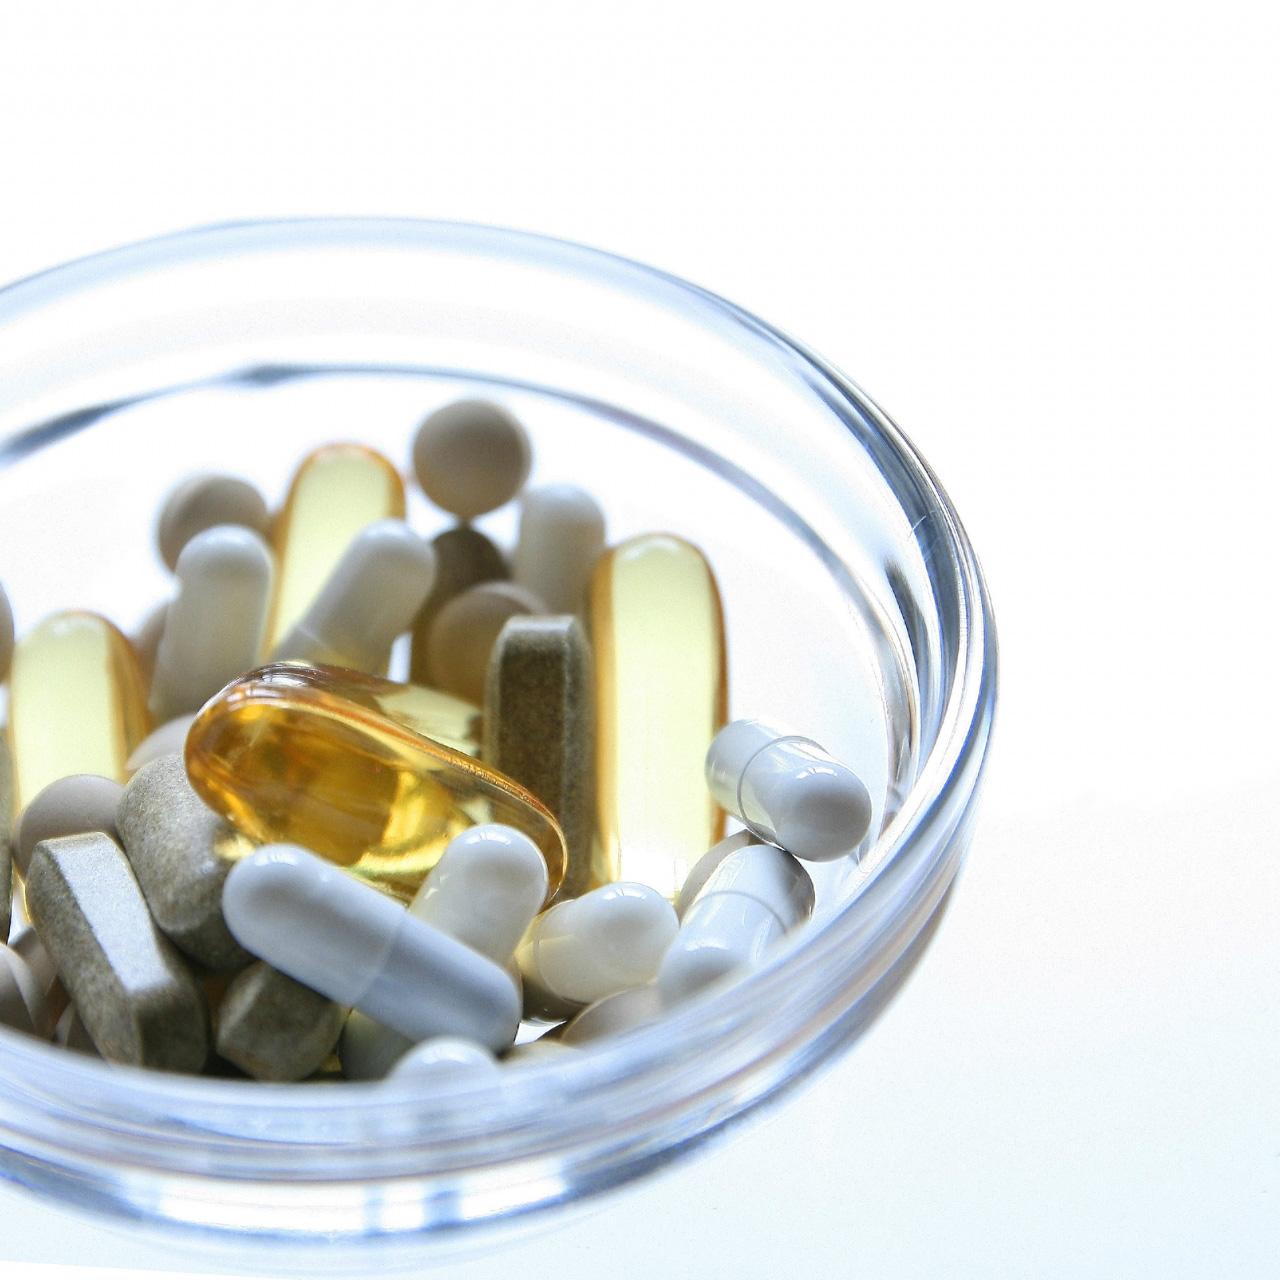 女性ホルモンを刺激するサプリメント